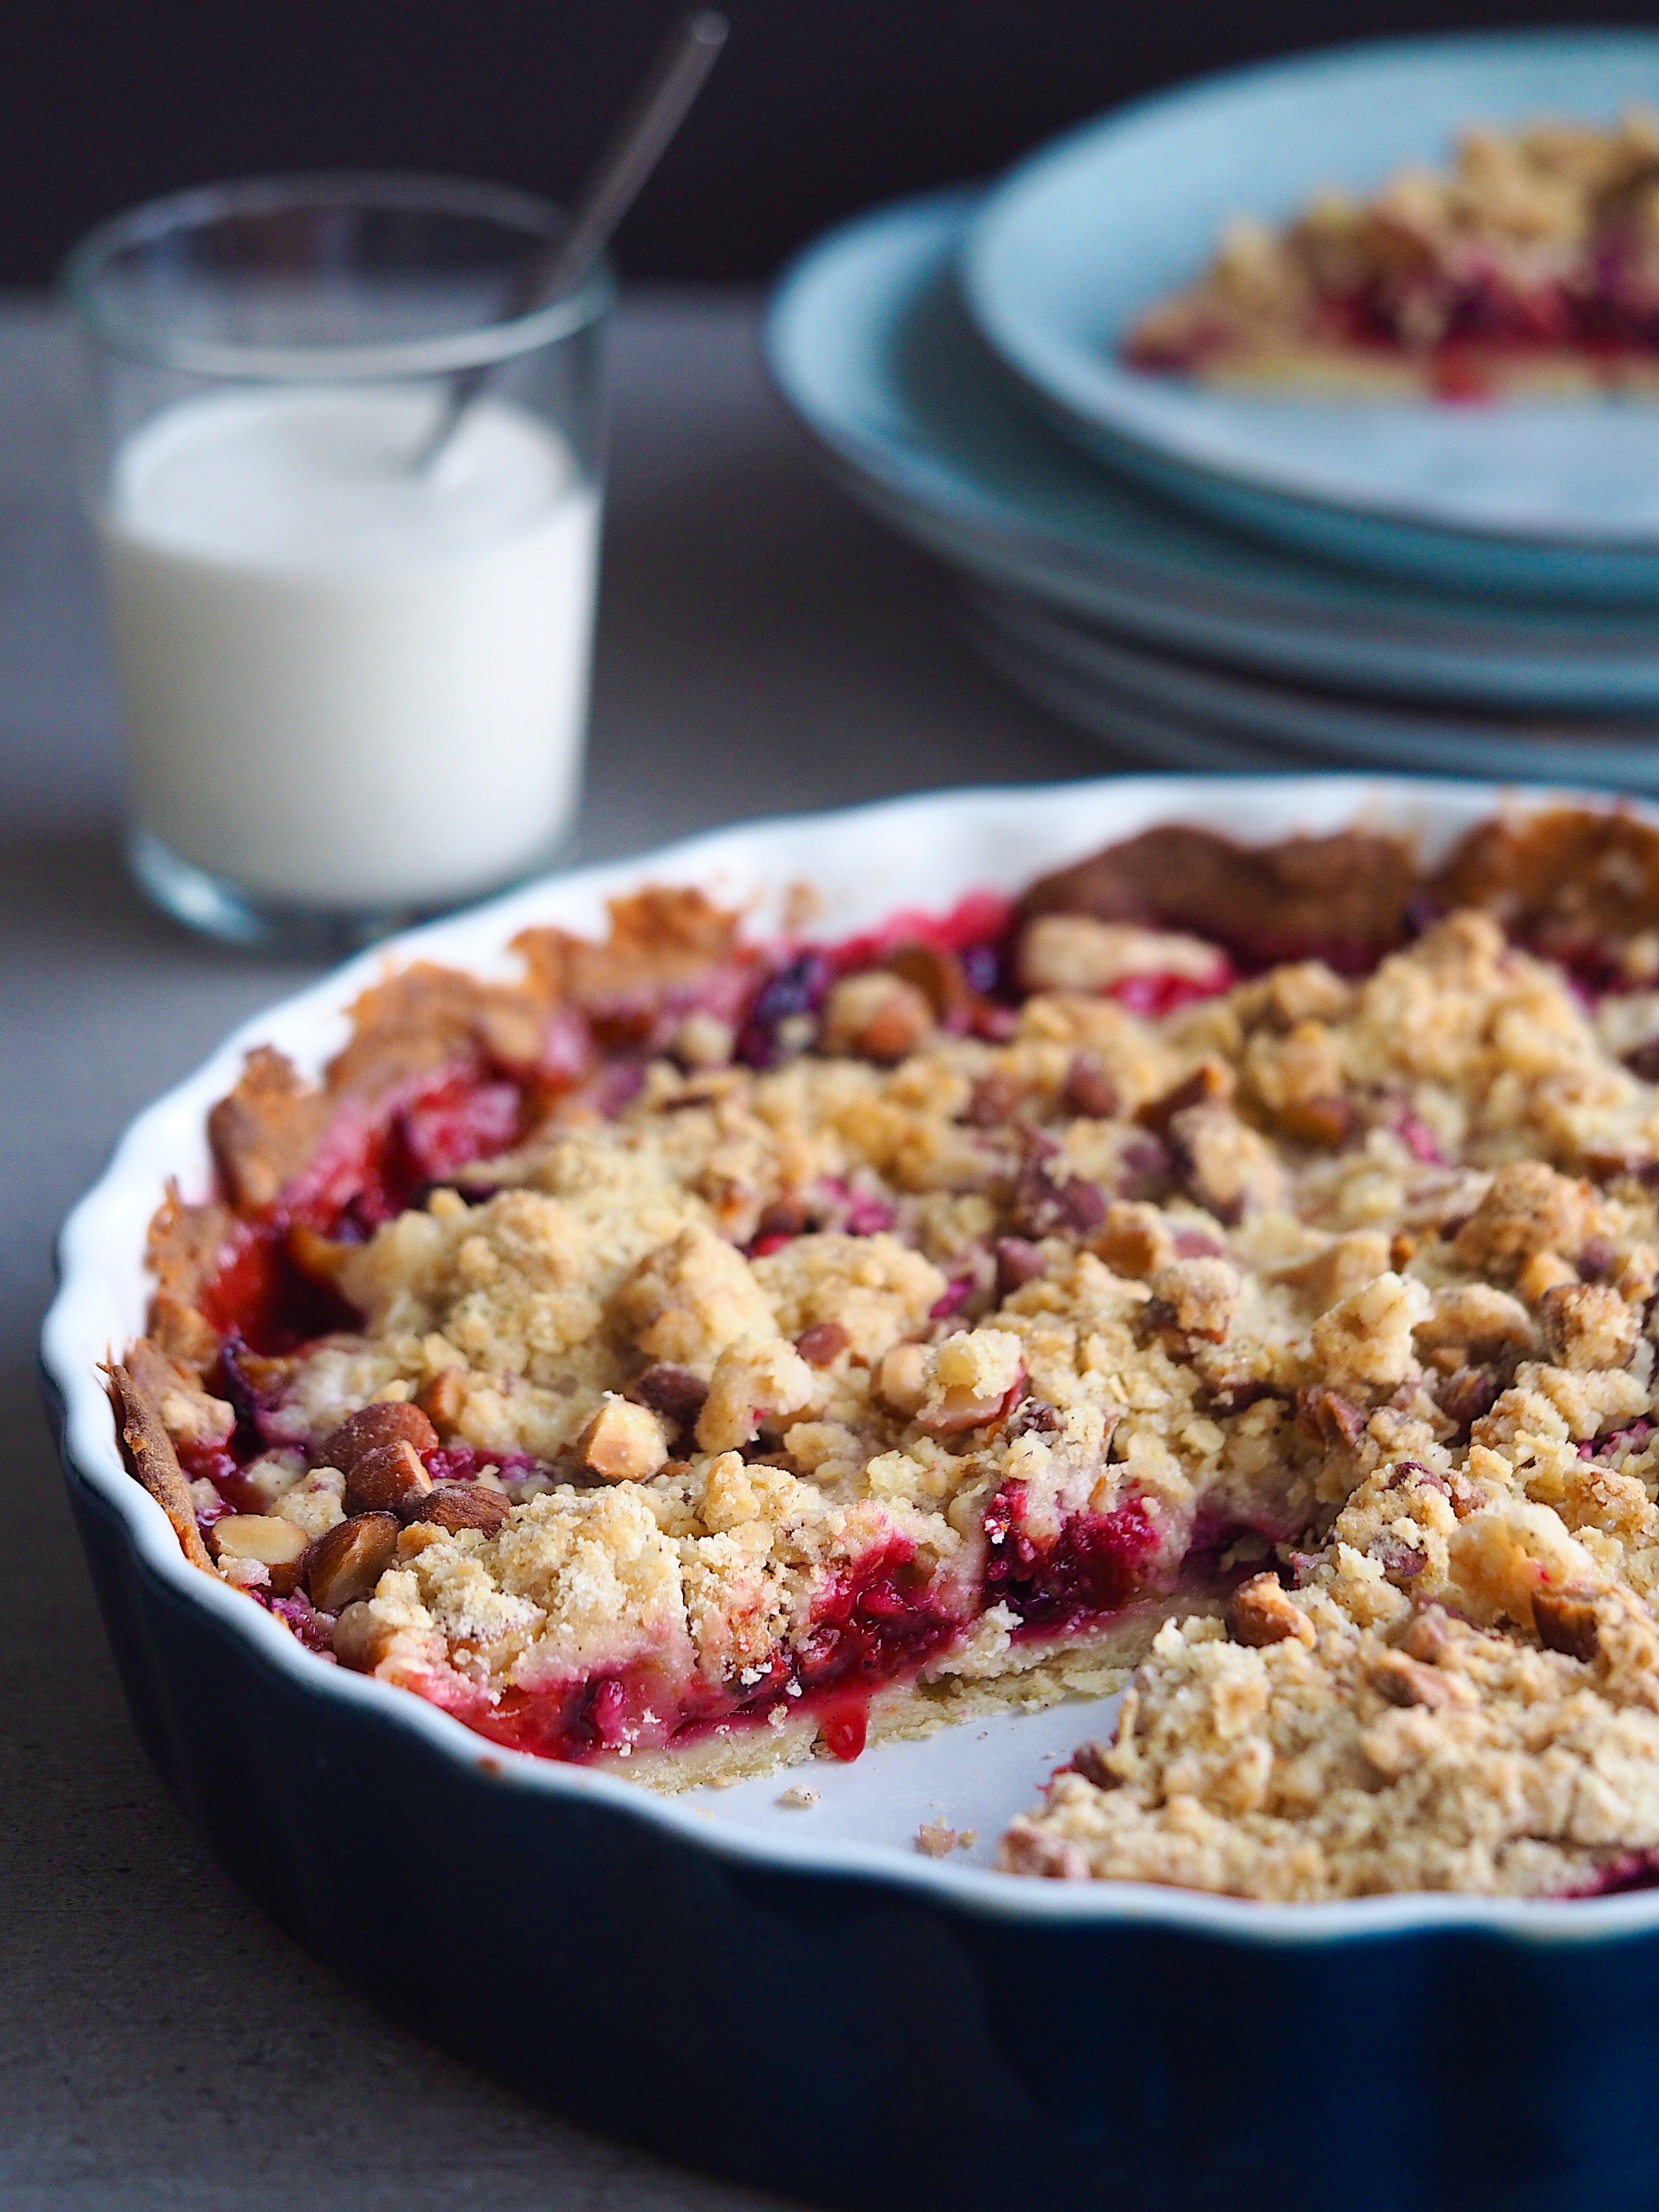 Lækker Blommetærte tærte efterår dessert kage snack snacks efterårshygge blommer opskrift opskrifter blog blogger Mia Lindholm Mad Søde sager